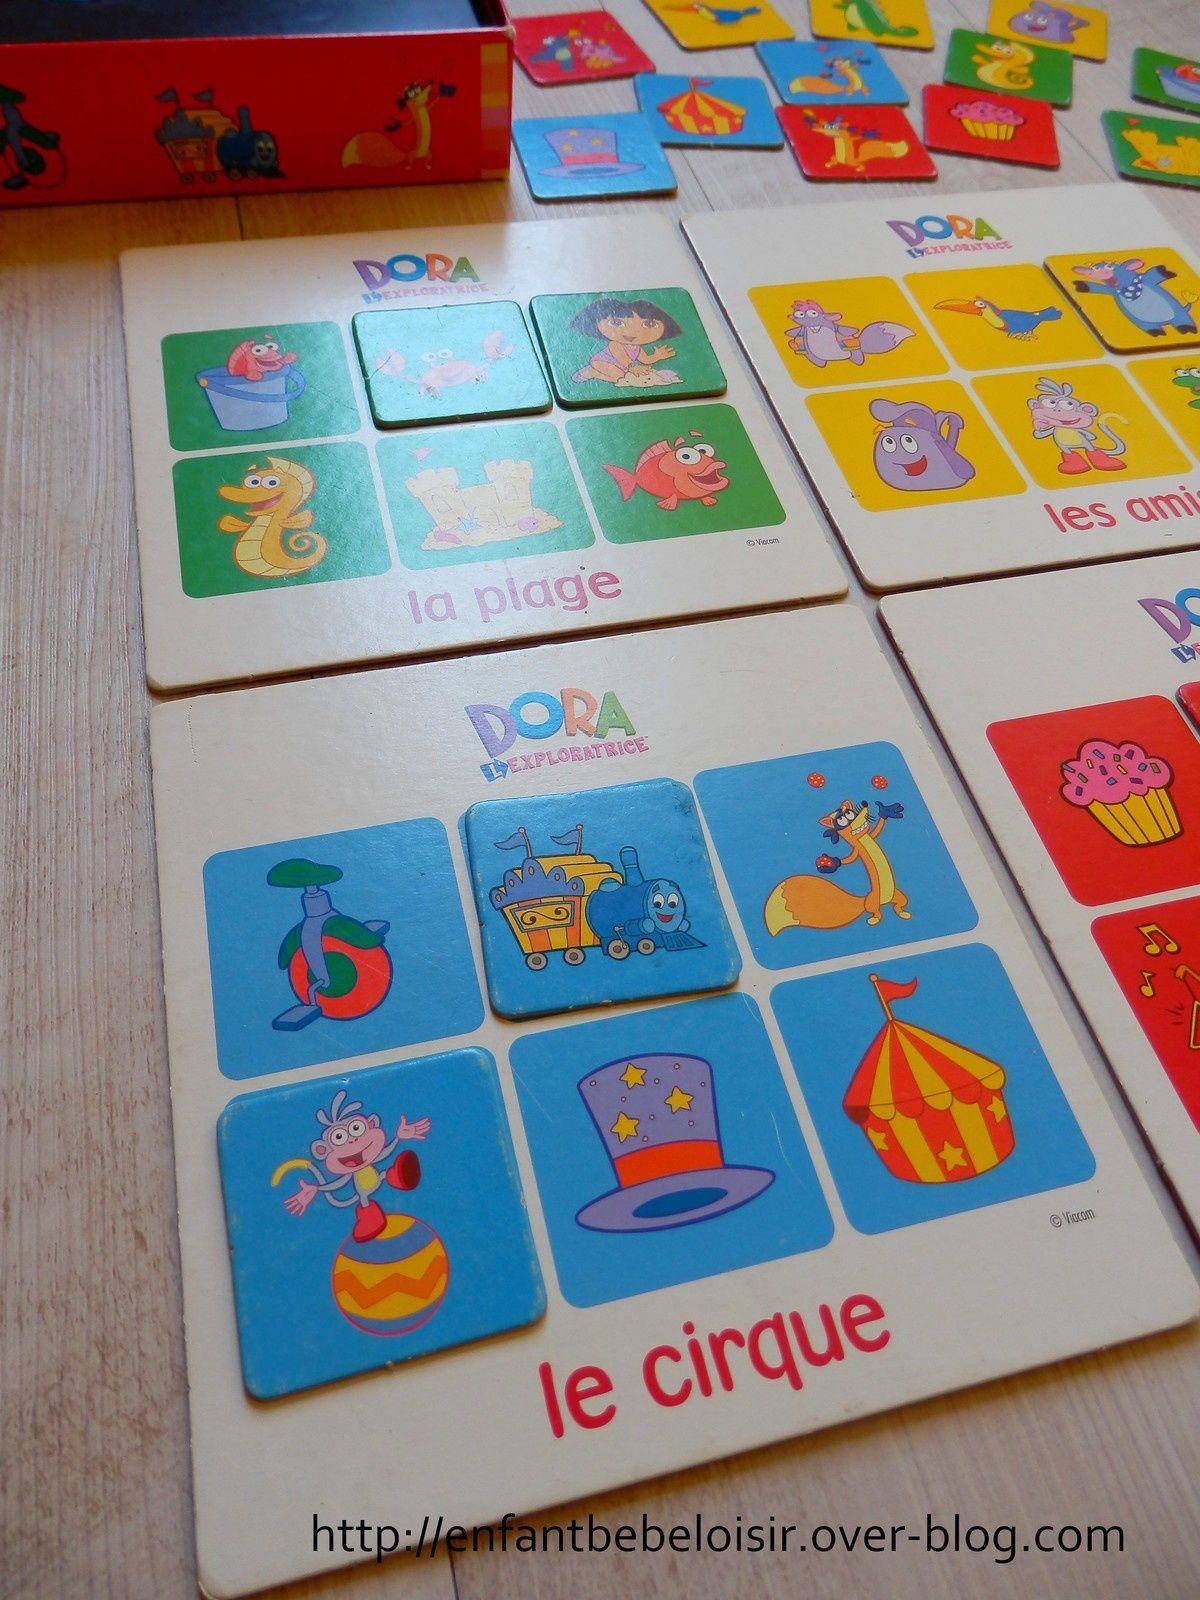 Jeux de loto apprentissage des couleurs - DORA